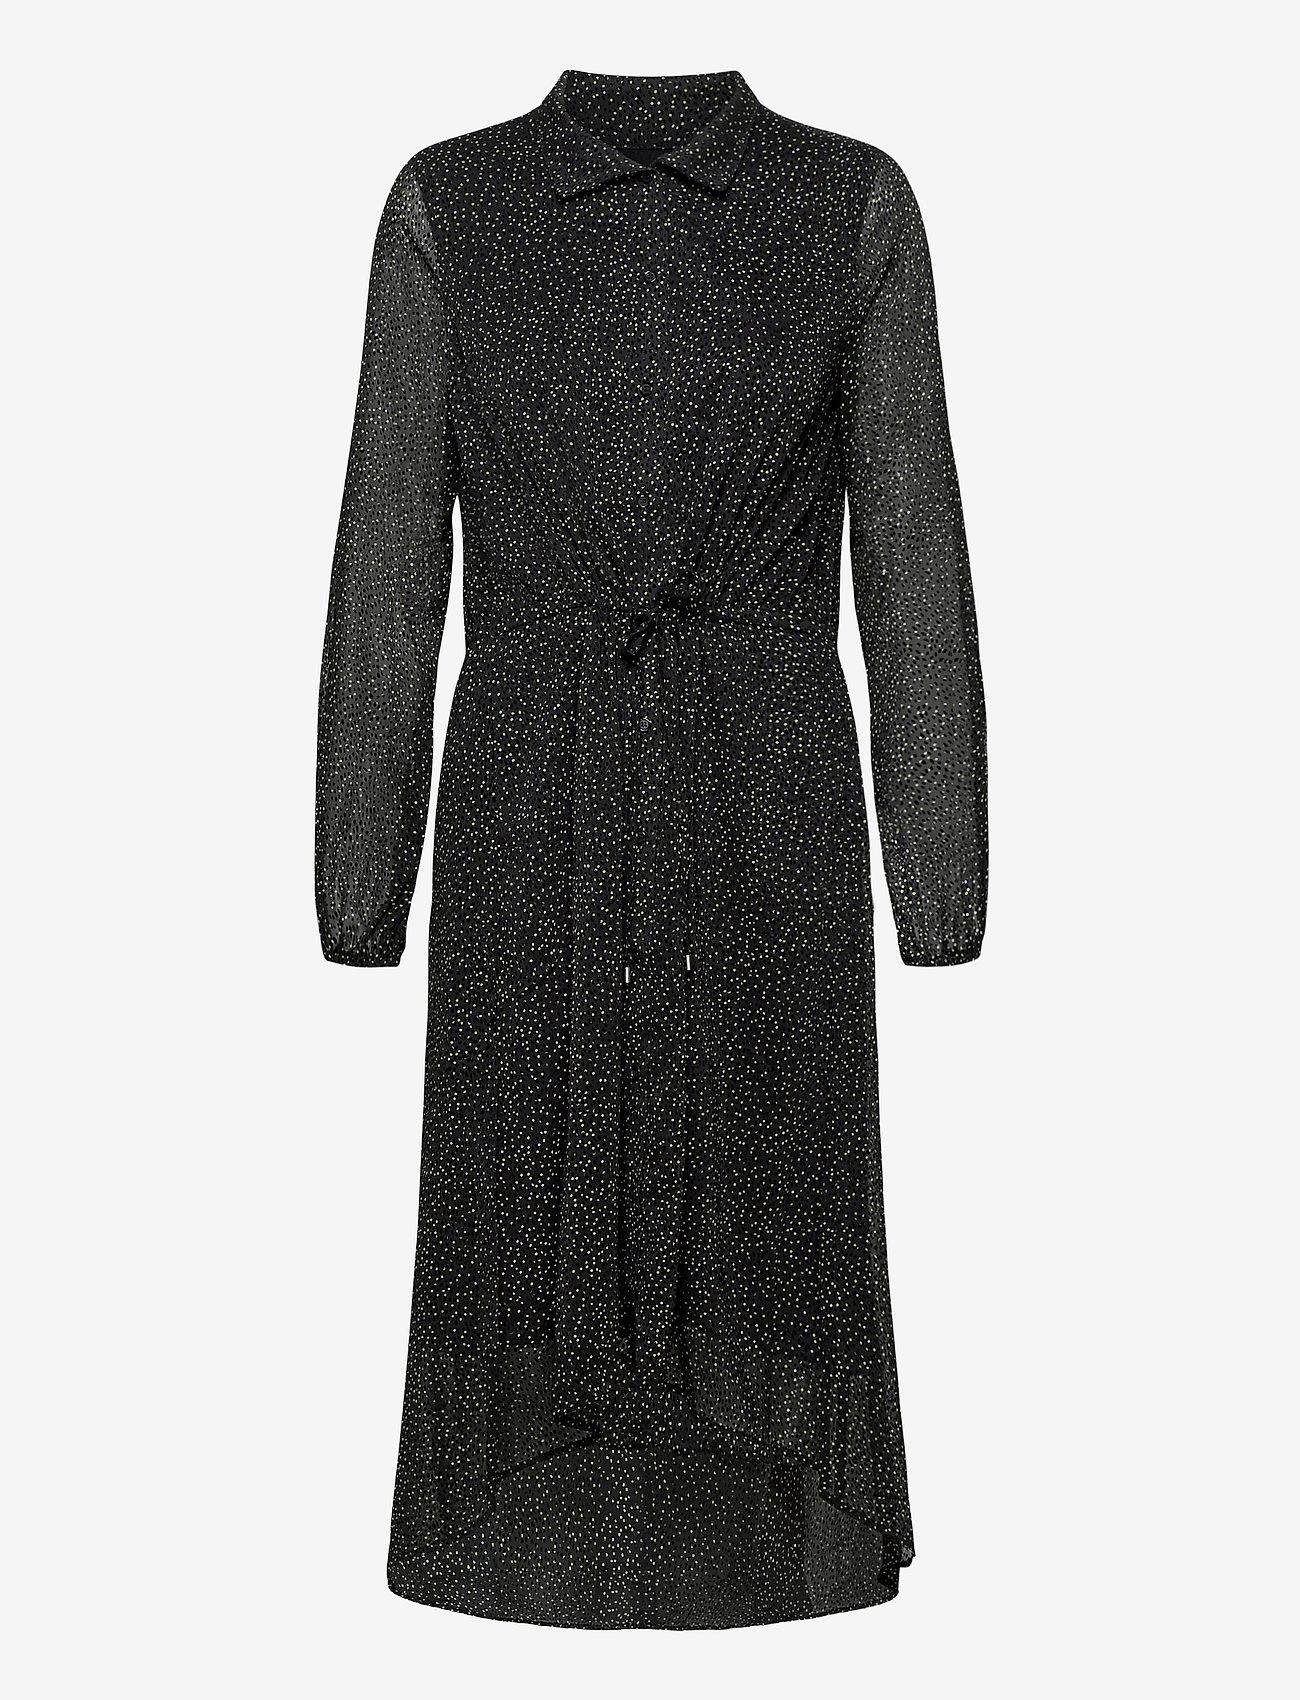 InWear - VilmaIW Dress - alledaagse jurken - black minimal dot - 1